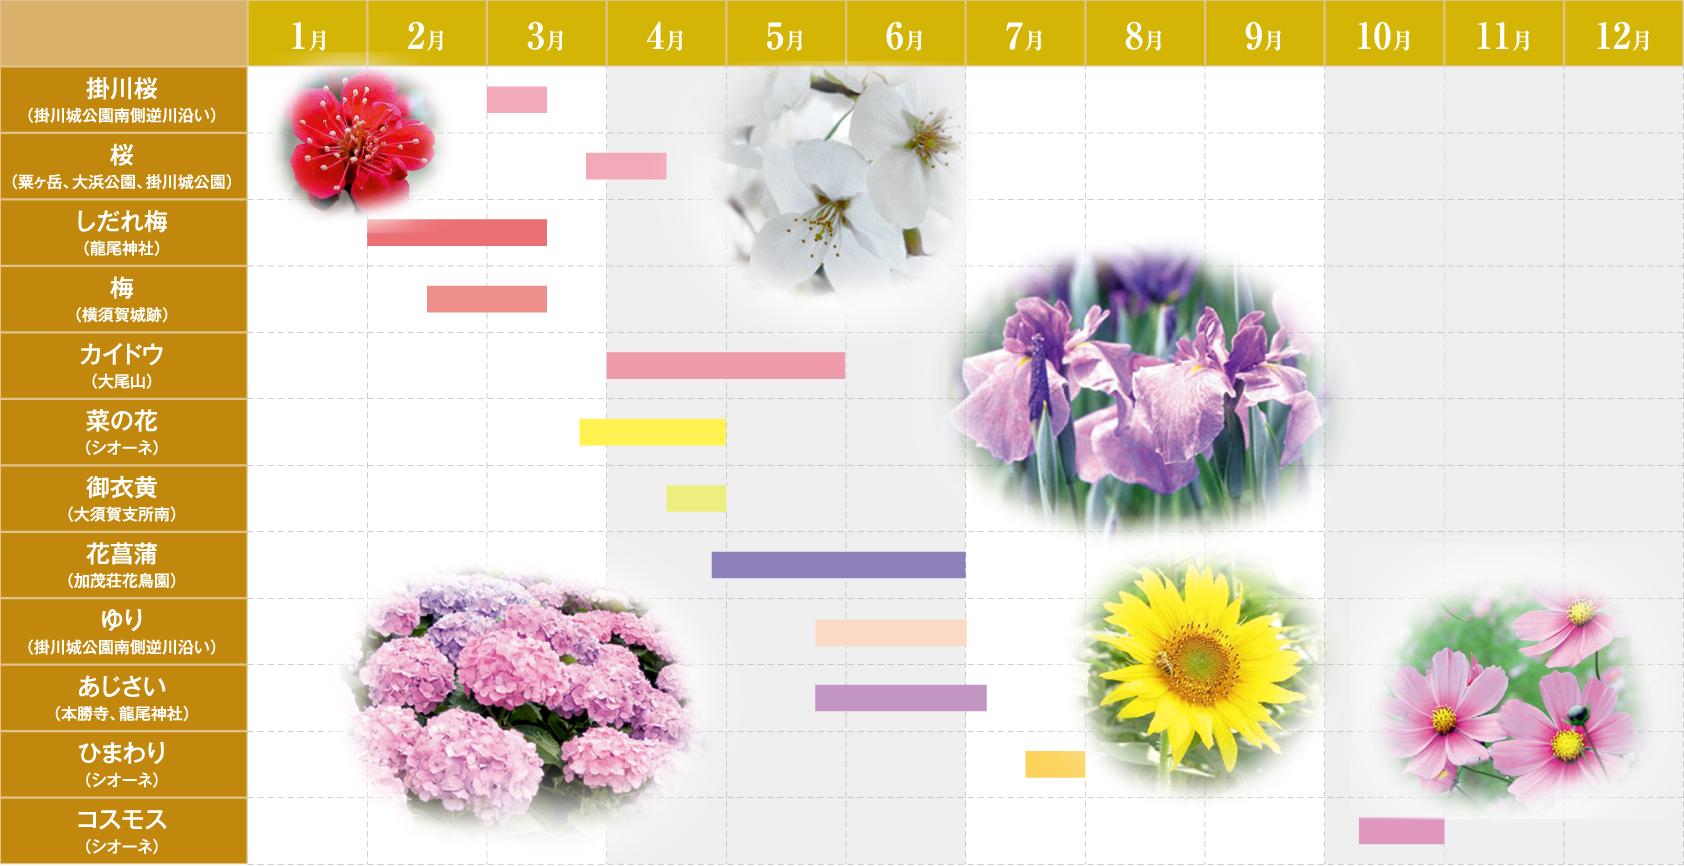 掛川 四季の花暦